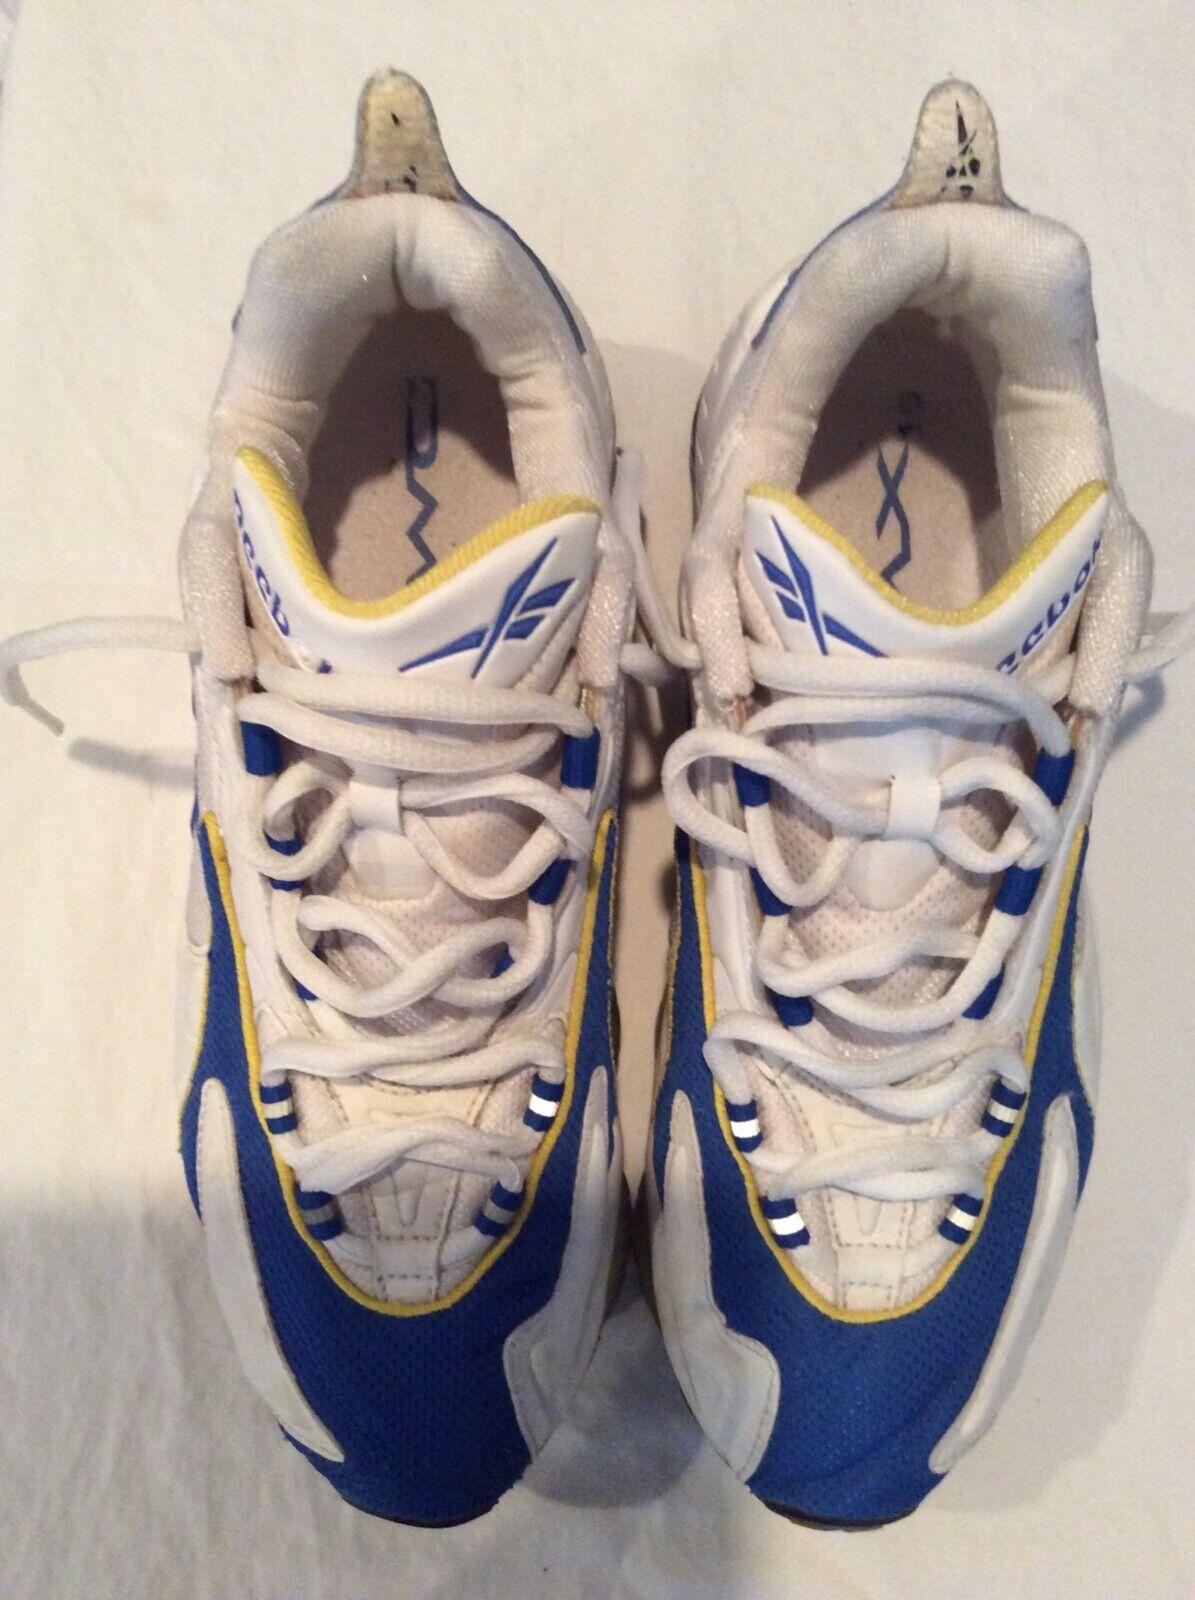 Uomo Reebok DMX Running scarpe, Dimensione 9.5, bianca, blu blu blu and giallo d35f49